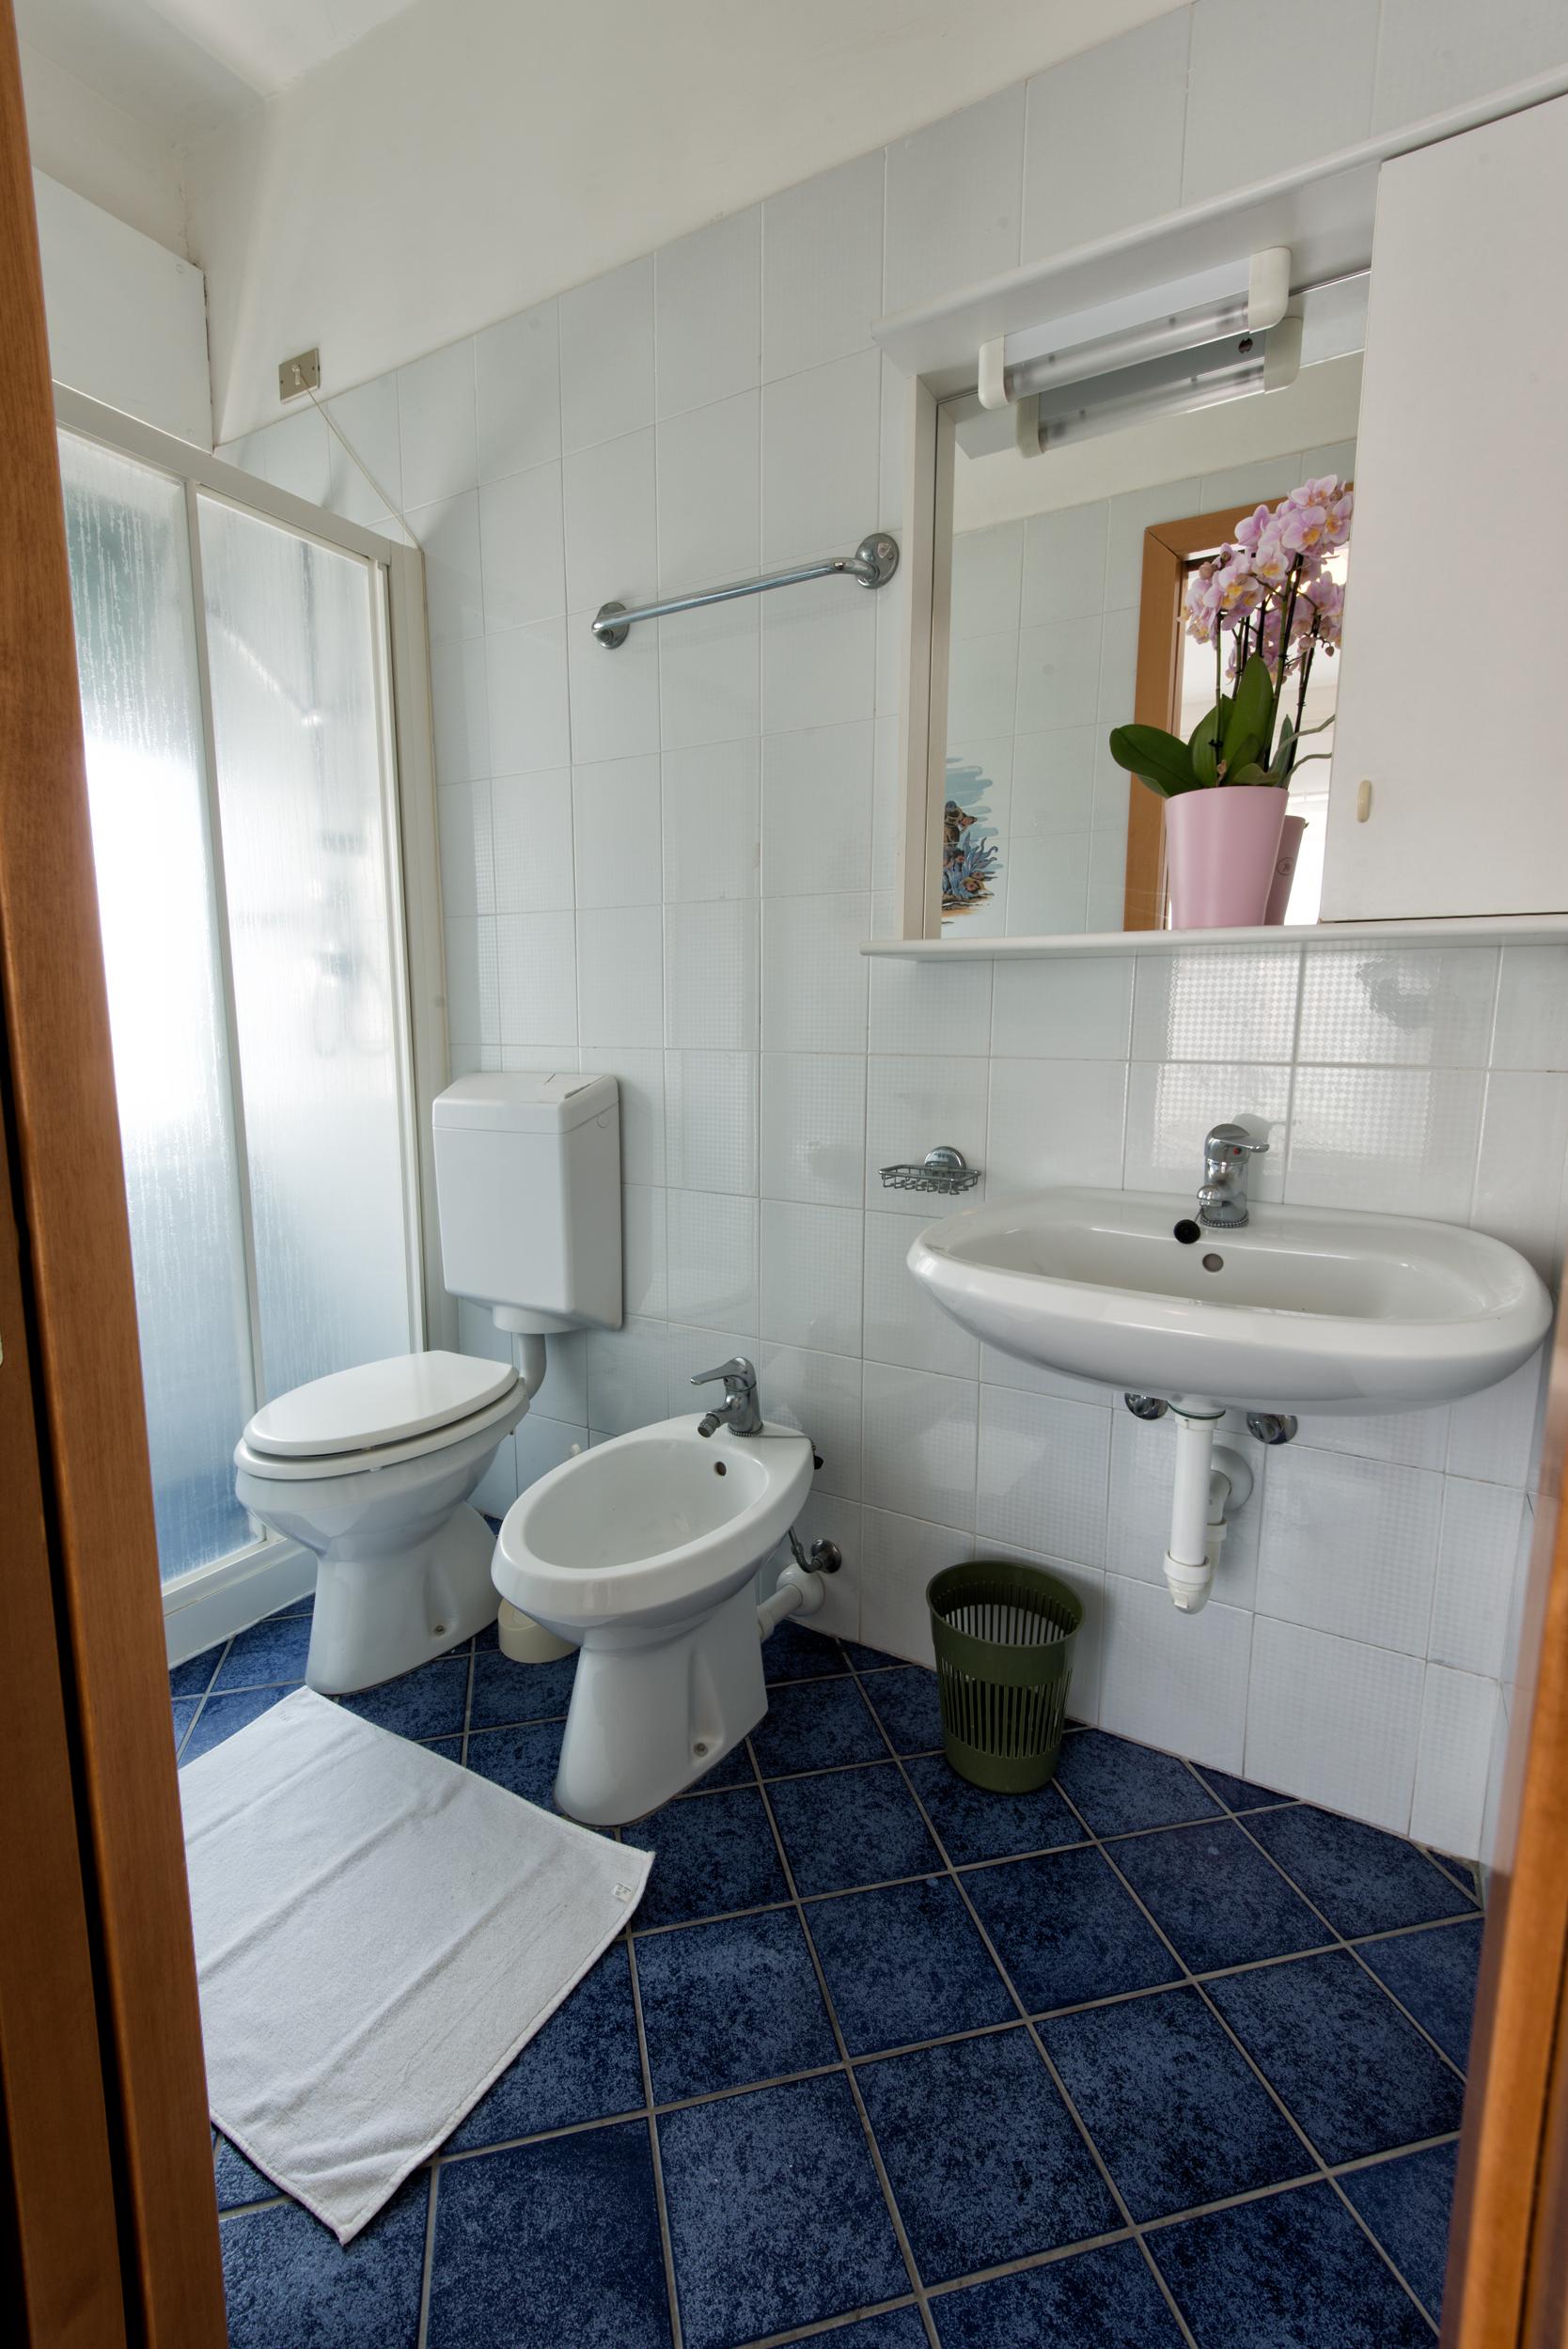 bagno monolocale 2 persone